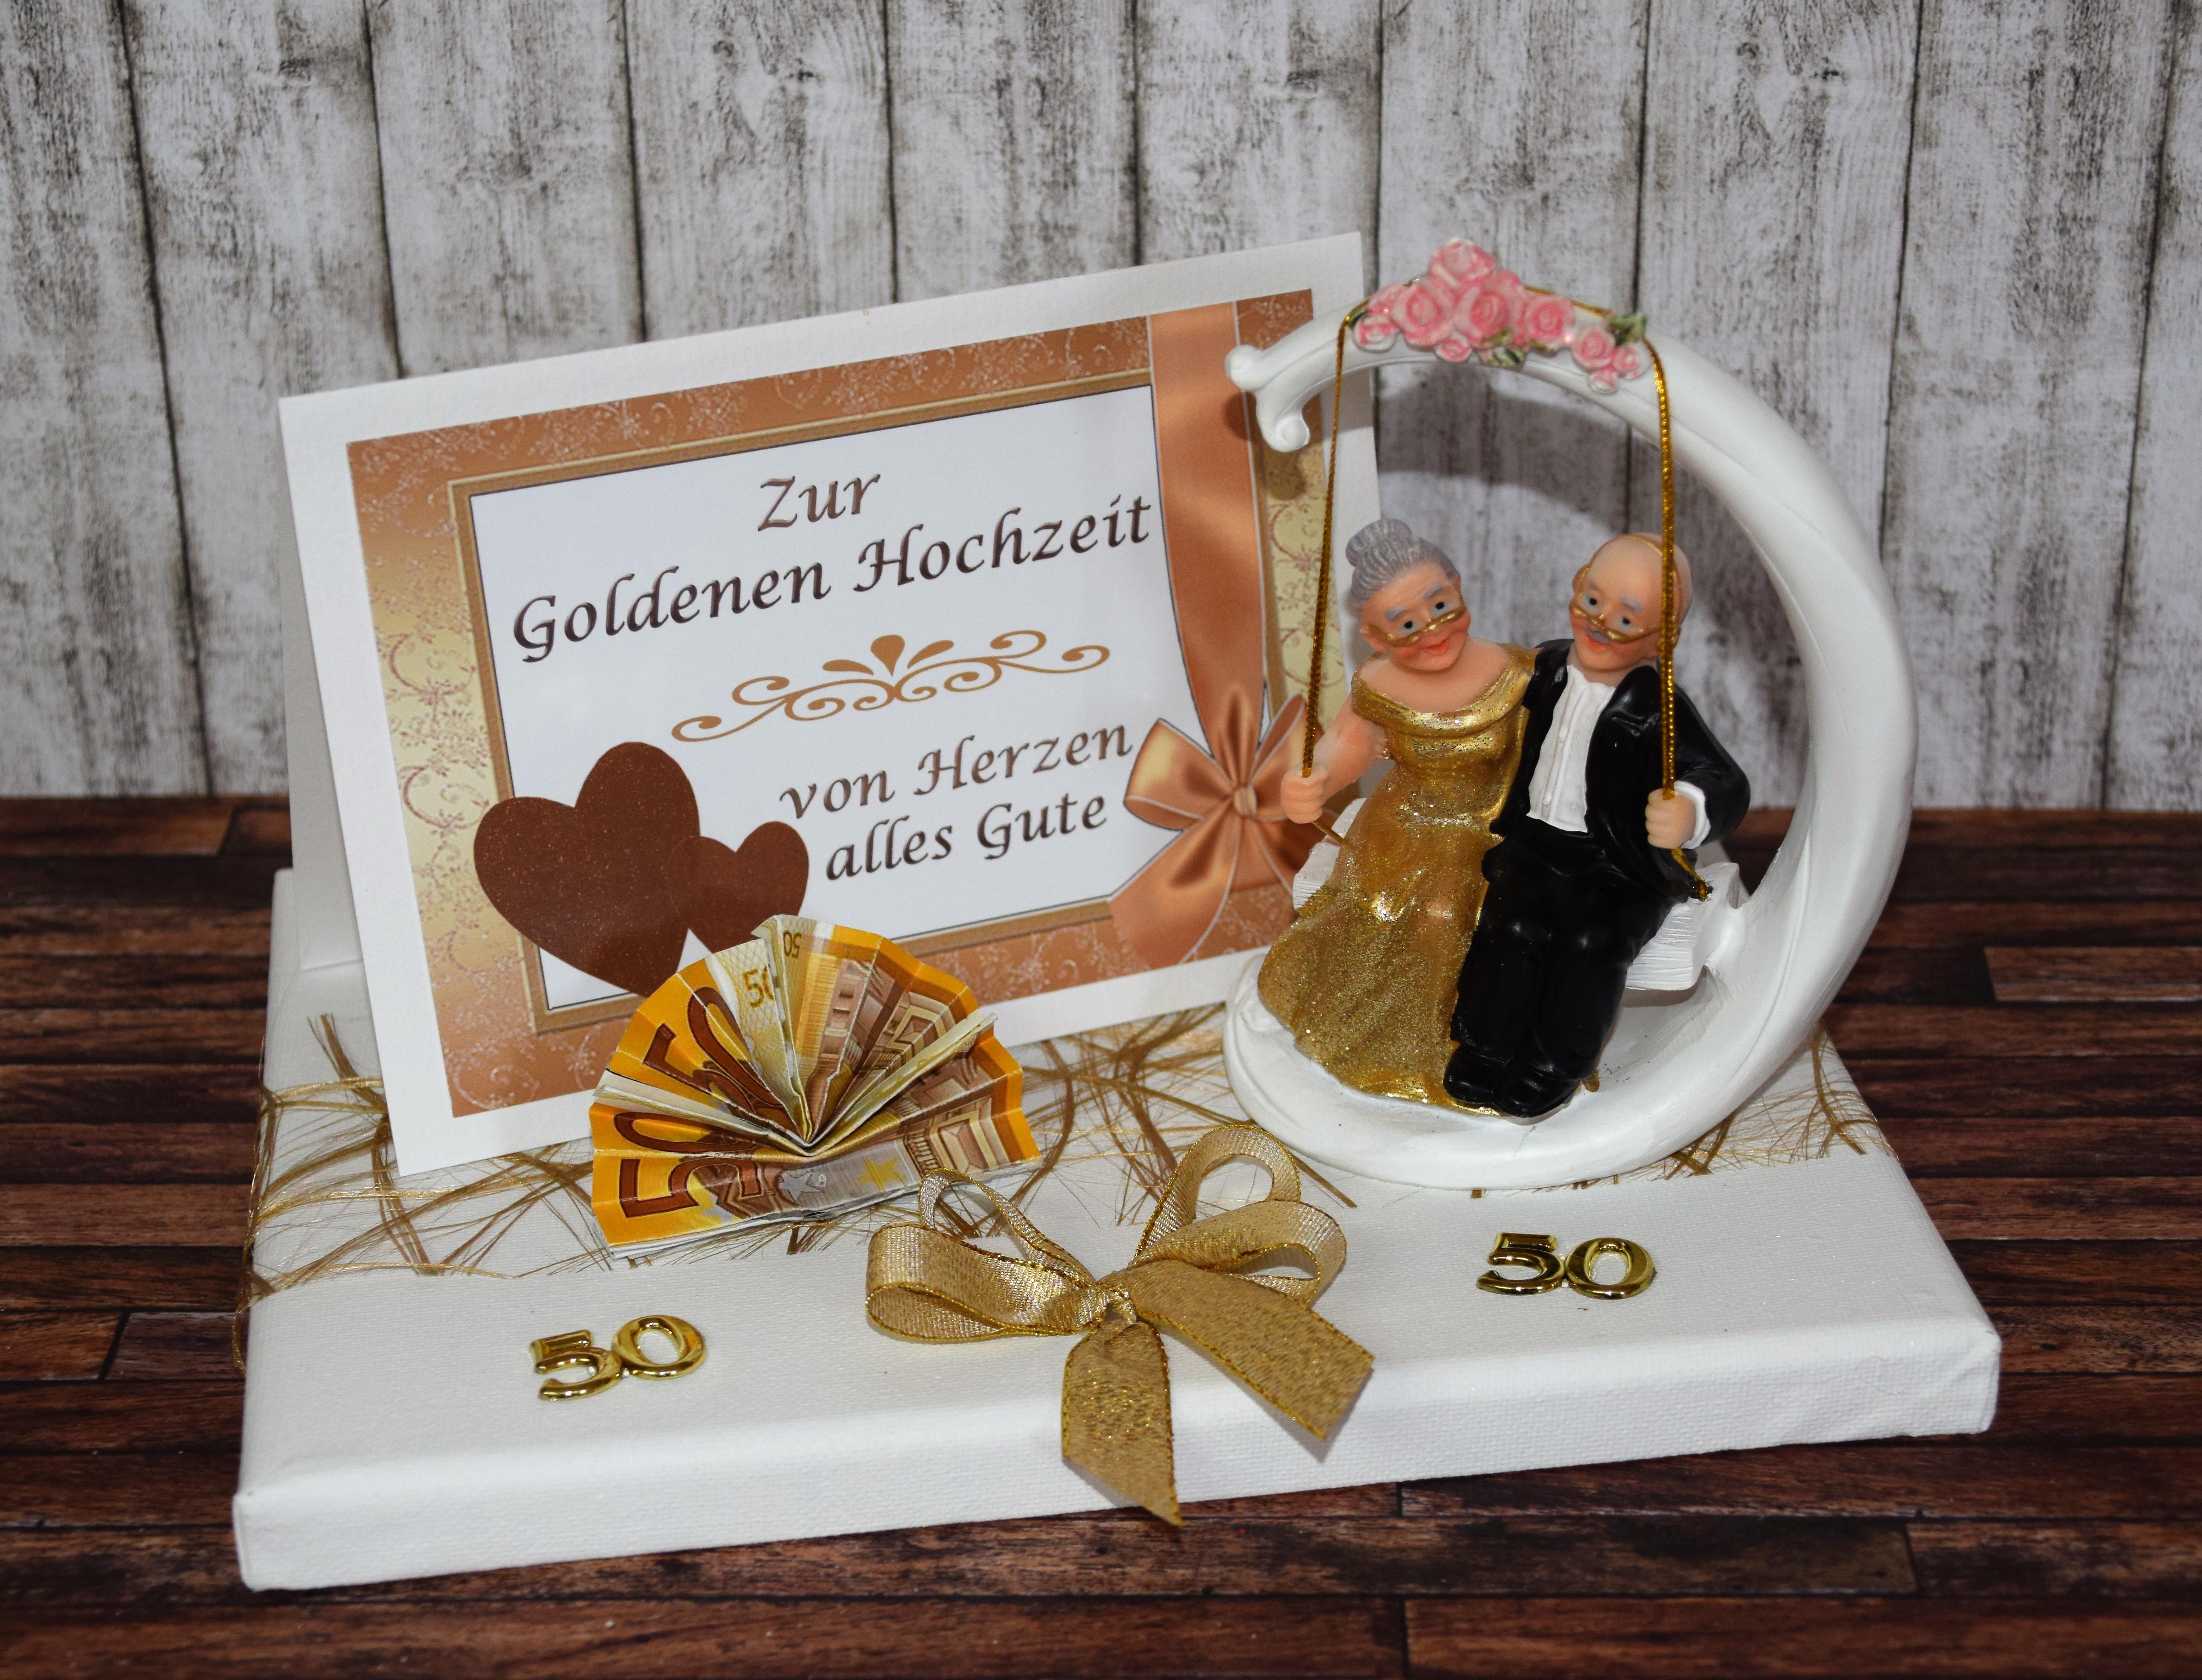 Geschenk Für Goldene Hochzeit  Geld Geschenk zur goldenen Hochzeit mit Goldpaar auf Schaukel